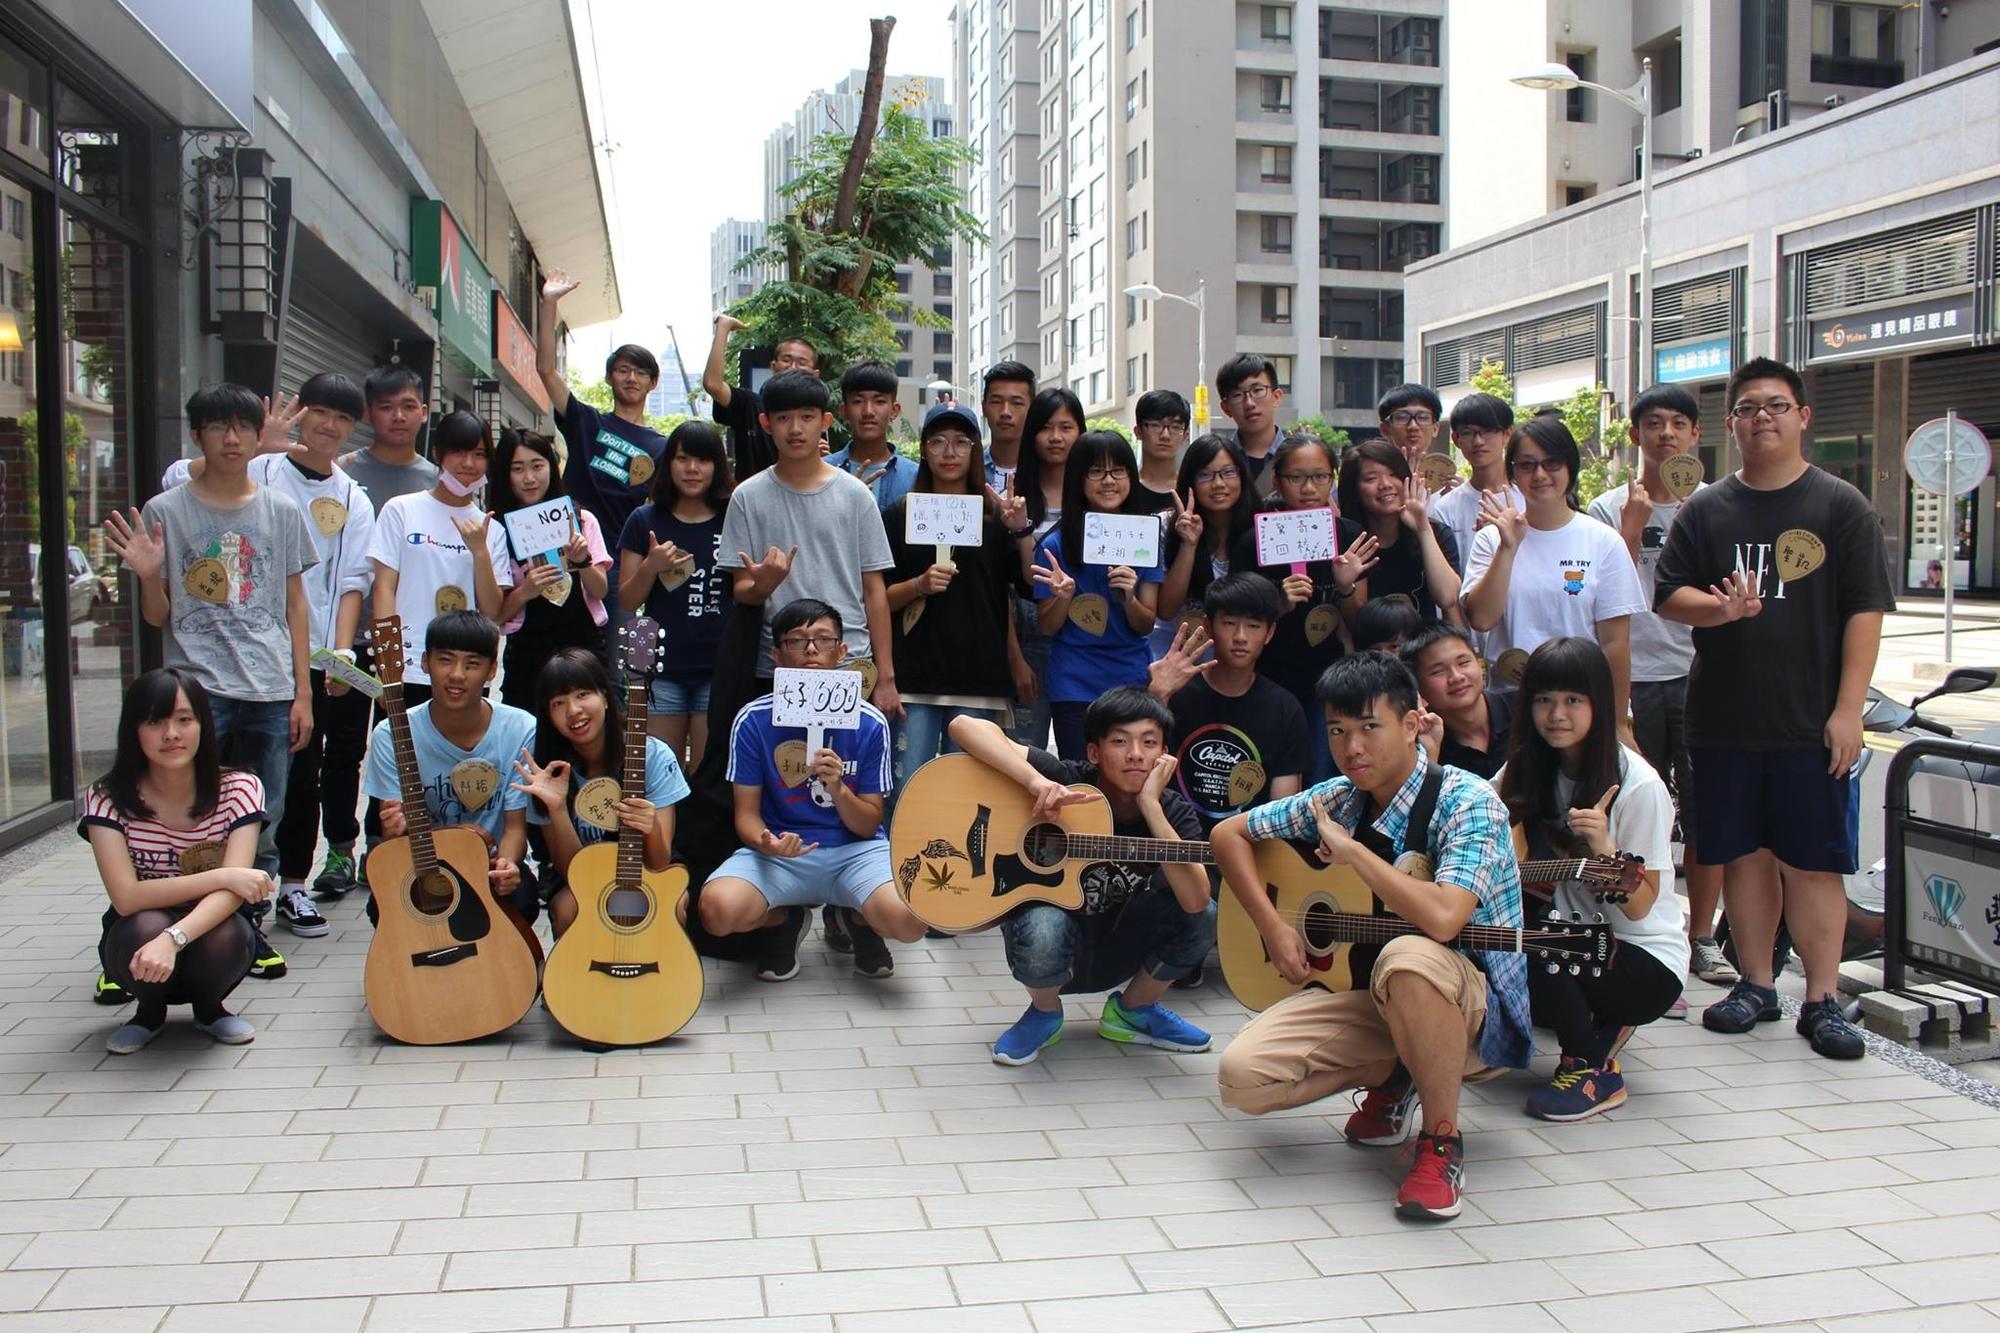 吉他領袖營給高中吉他社新上任幹部的一日營隊-大合照